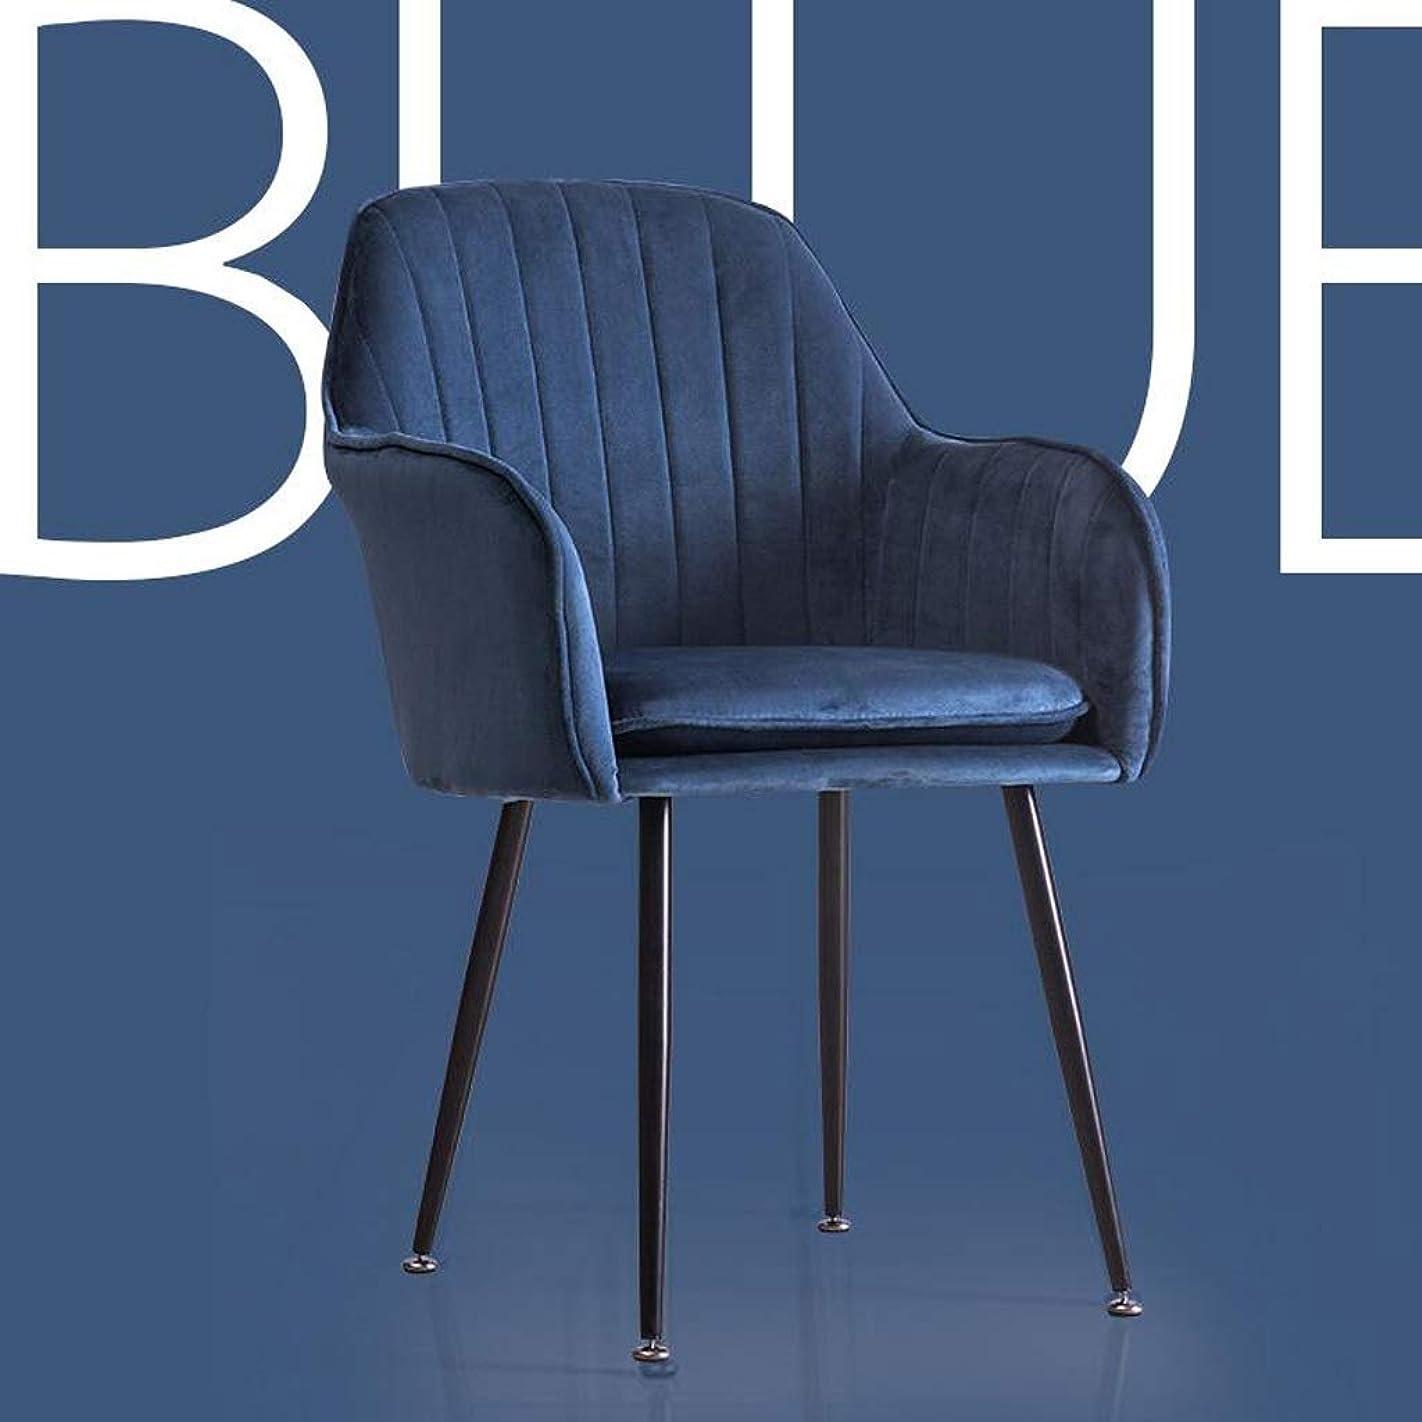 お酢湾フェザーXJLXX 背もたれ金属ダイニングチェアゴールドベルベットクッションスポンジ高反発化粧品コーヒーチェア3色オプション座高47センチ 椅子 (Color : A)